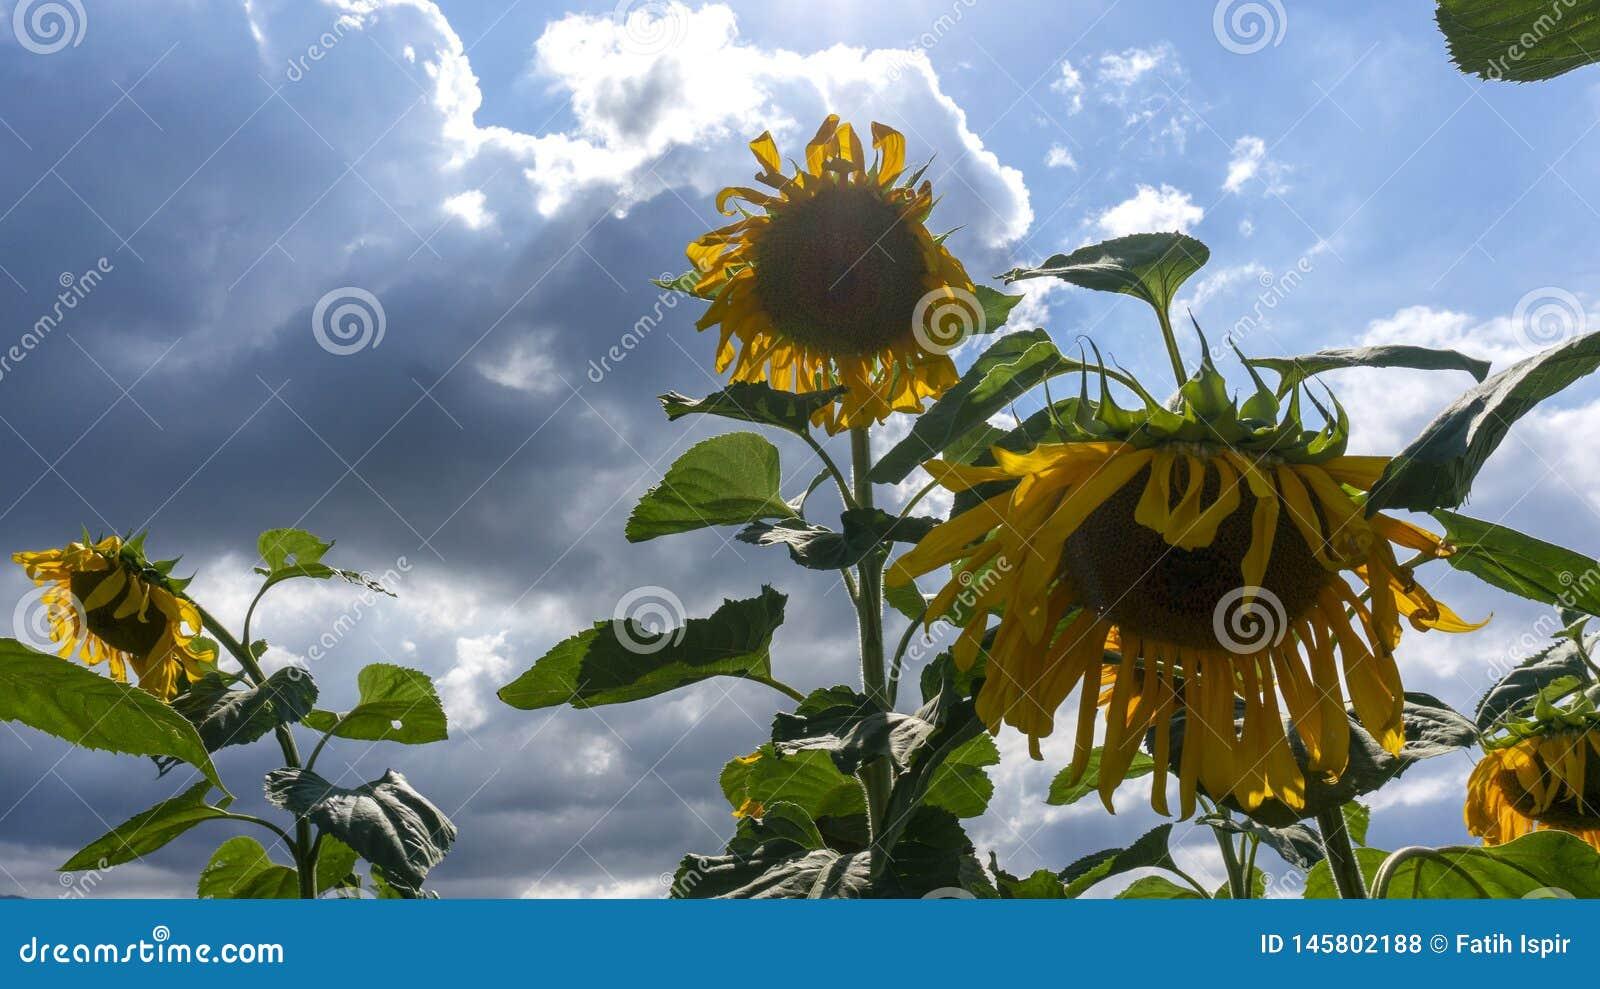 Zonnebloemen in dicht bewolkt weer onder zonlicht